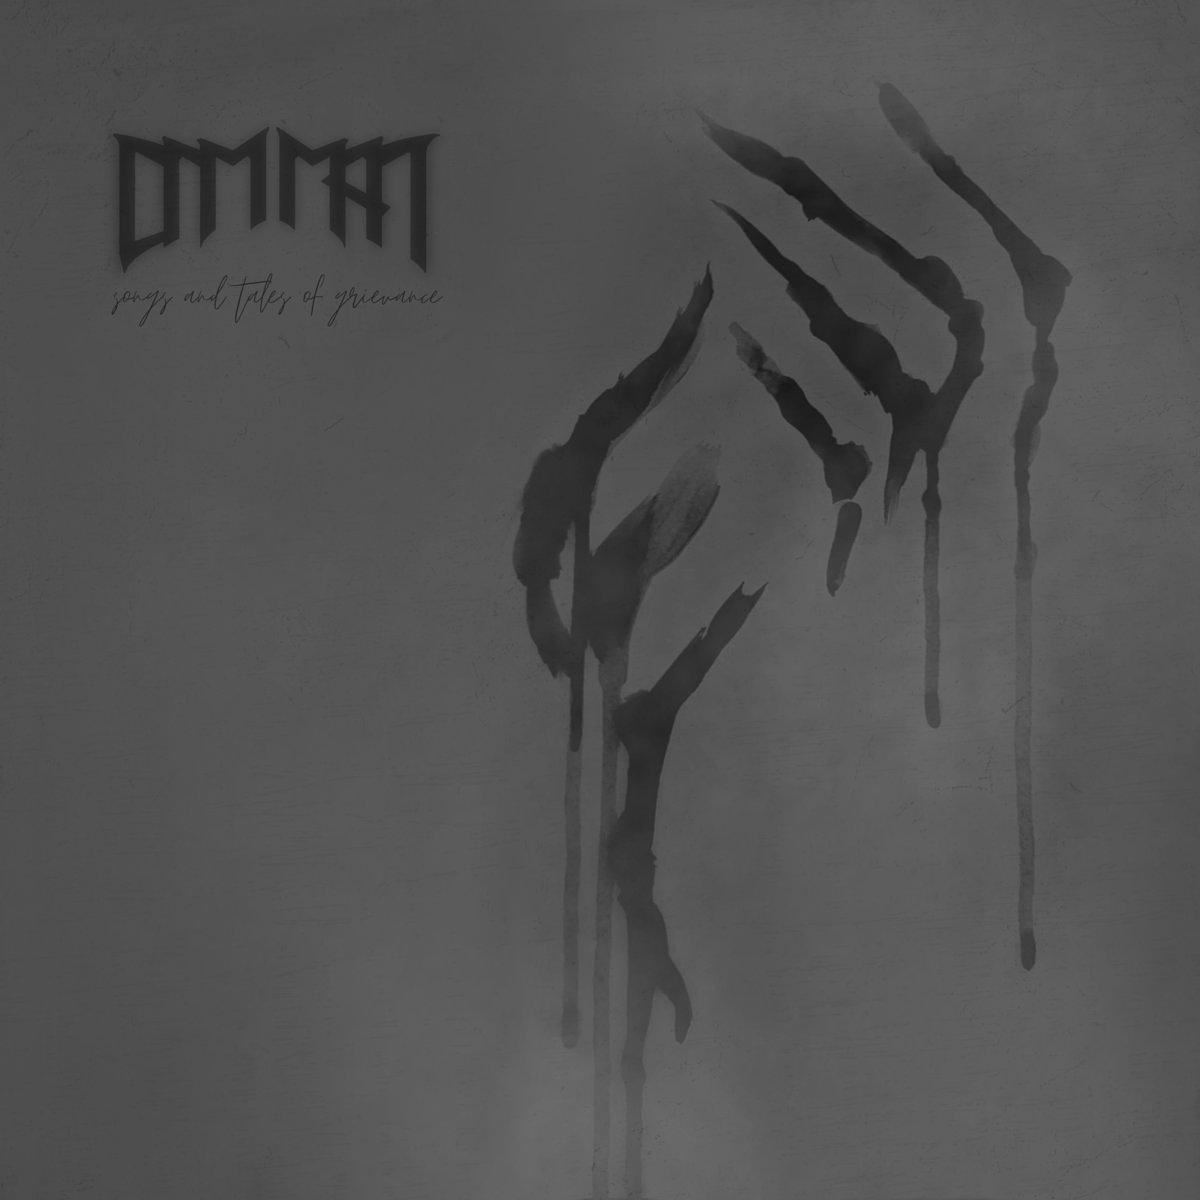 DIMMAN album